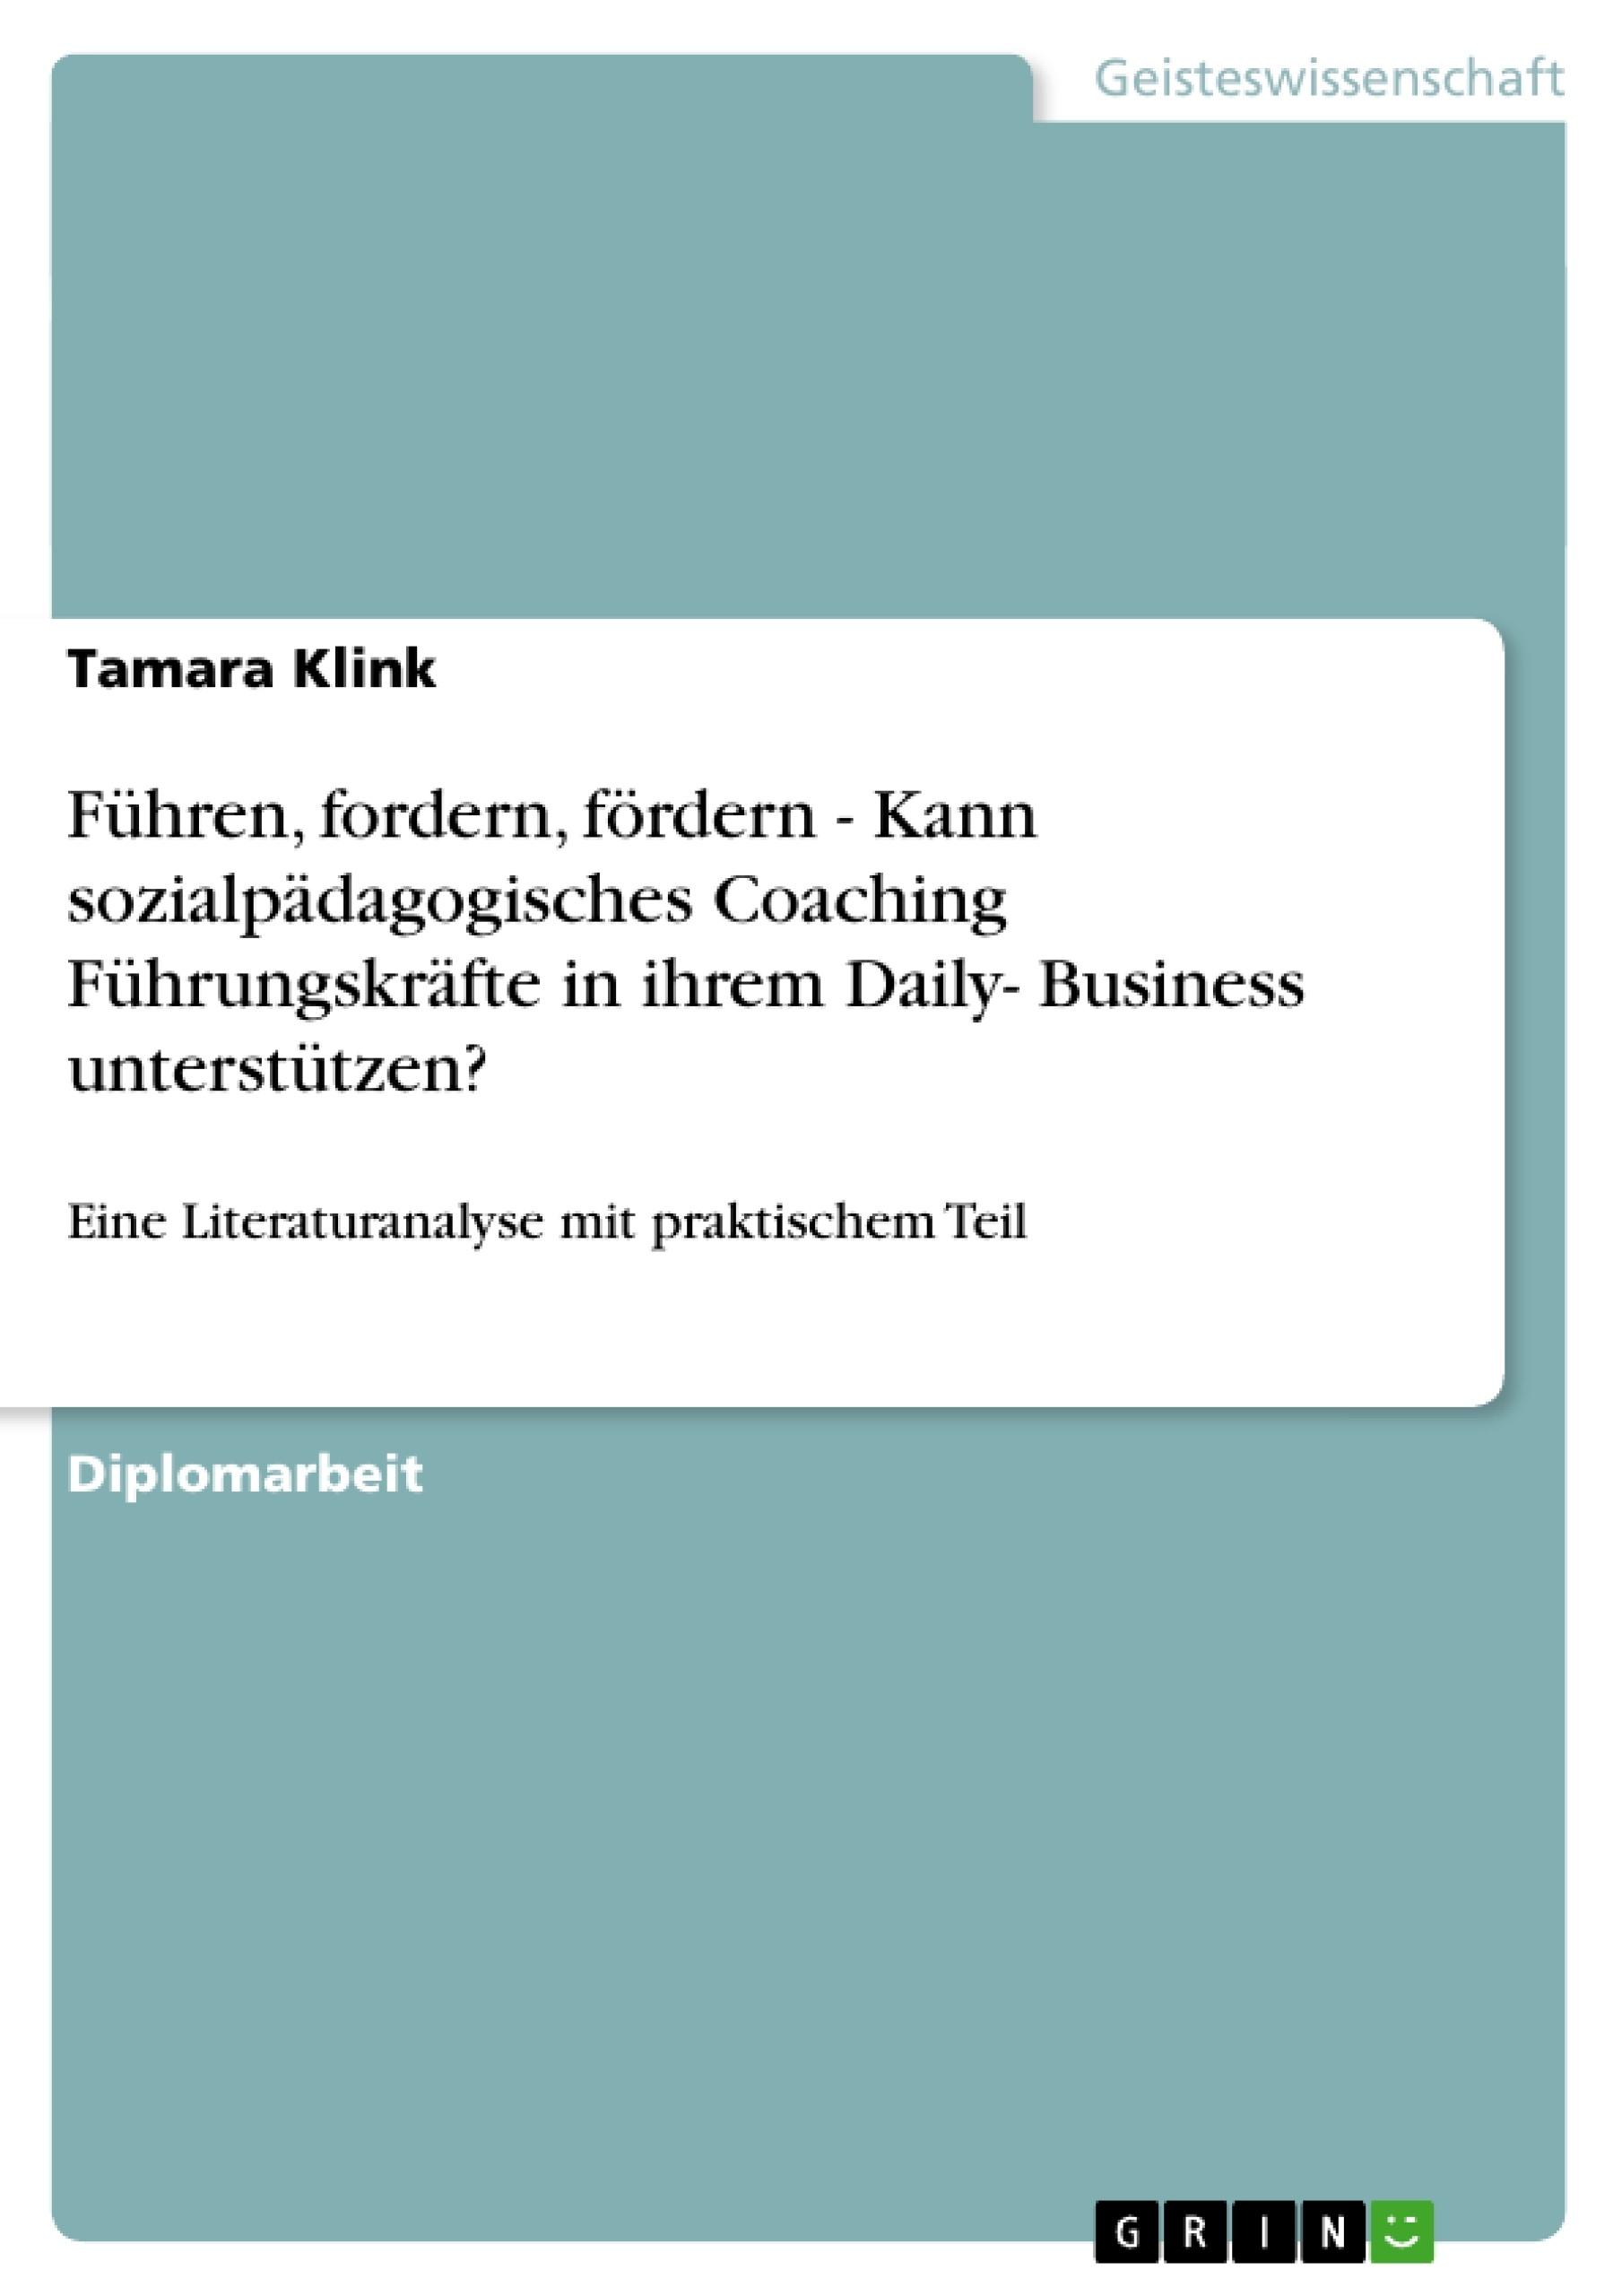 Titel: Führen, fordern, fördern - Kann sozialpädagogisches Coaching Führungskräfte in ihrem Daily- Business unterstützen?